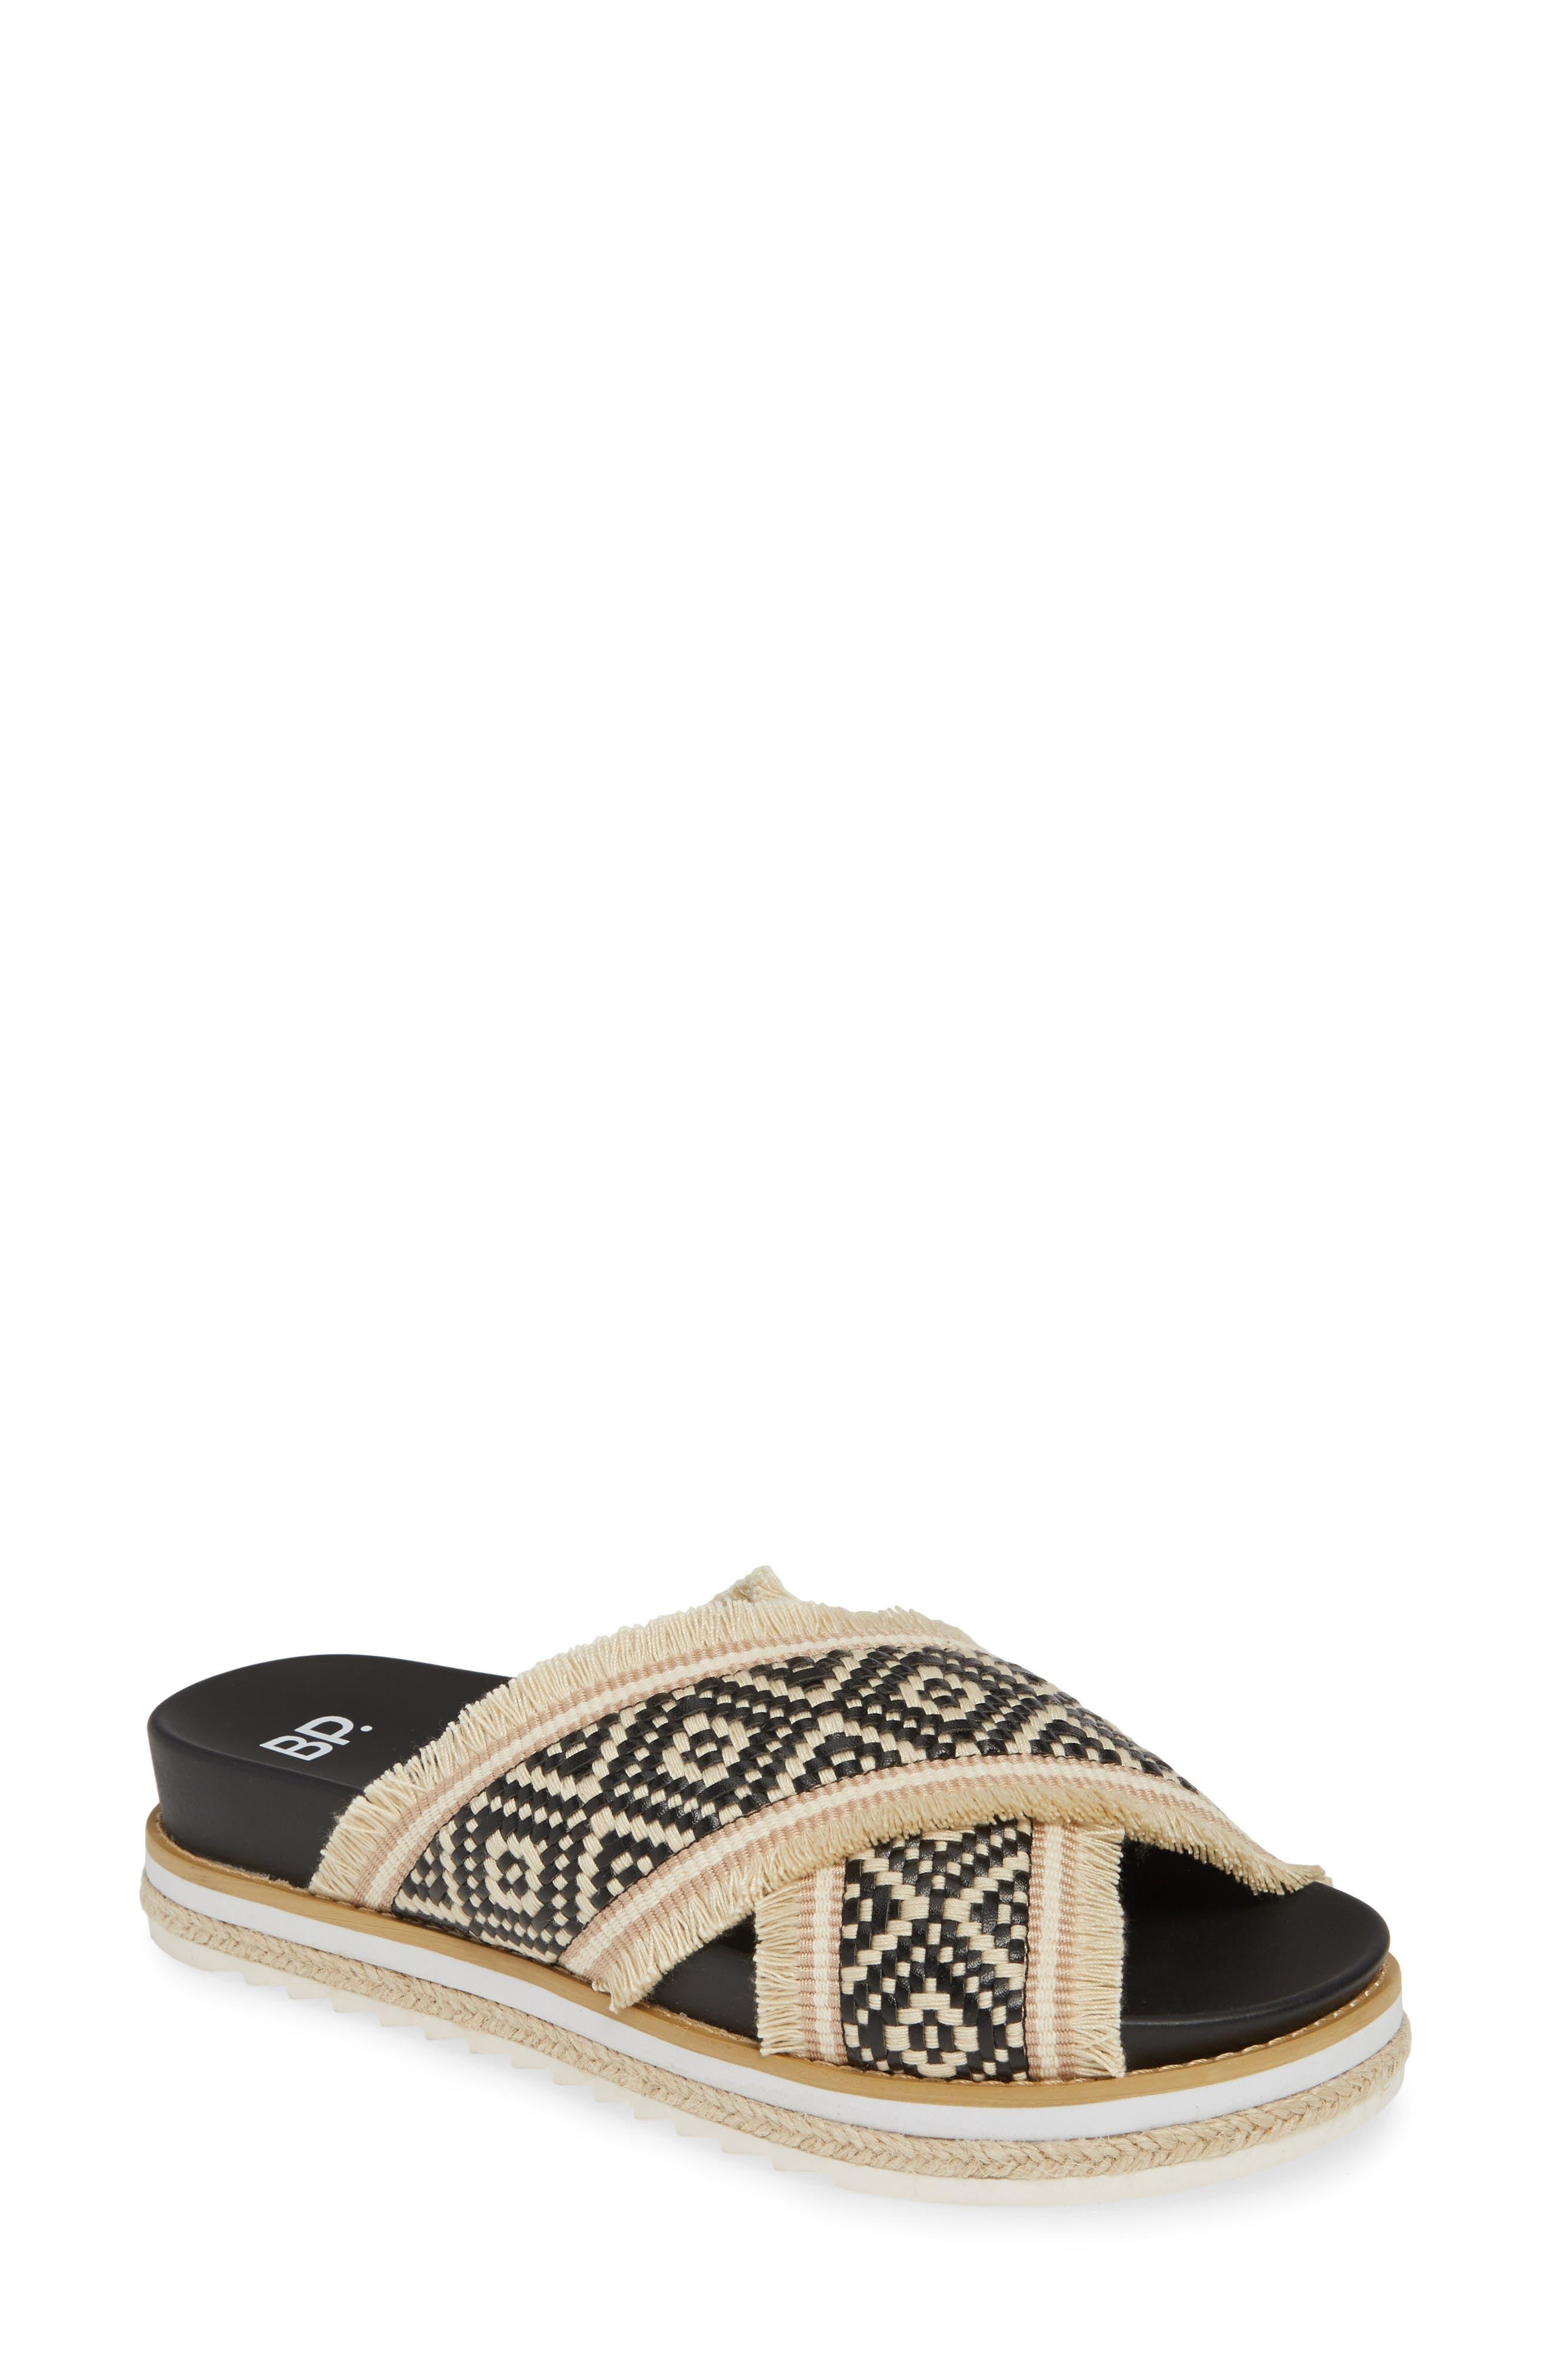 Booker Slide Sandal, Main, color, BLACK WOVEN